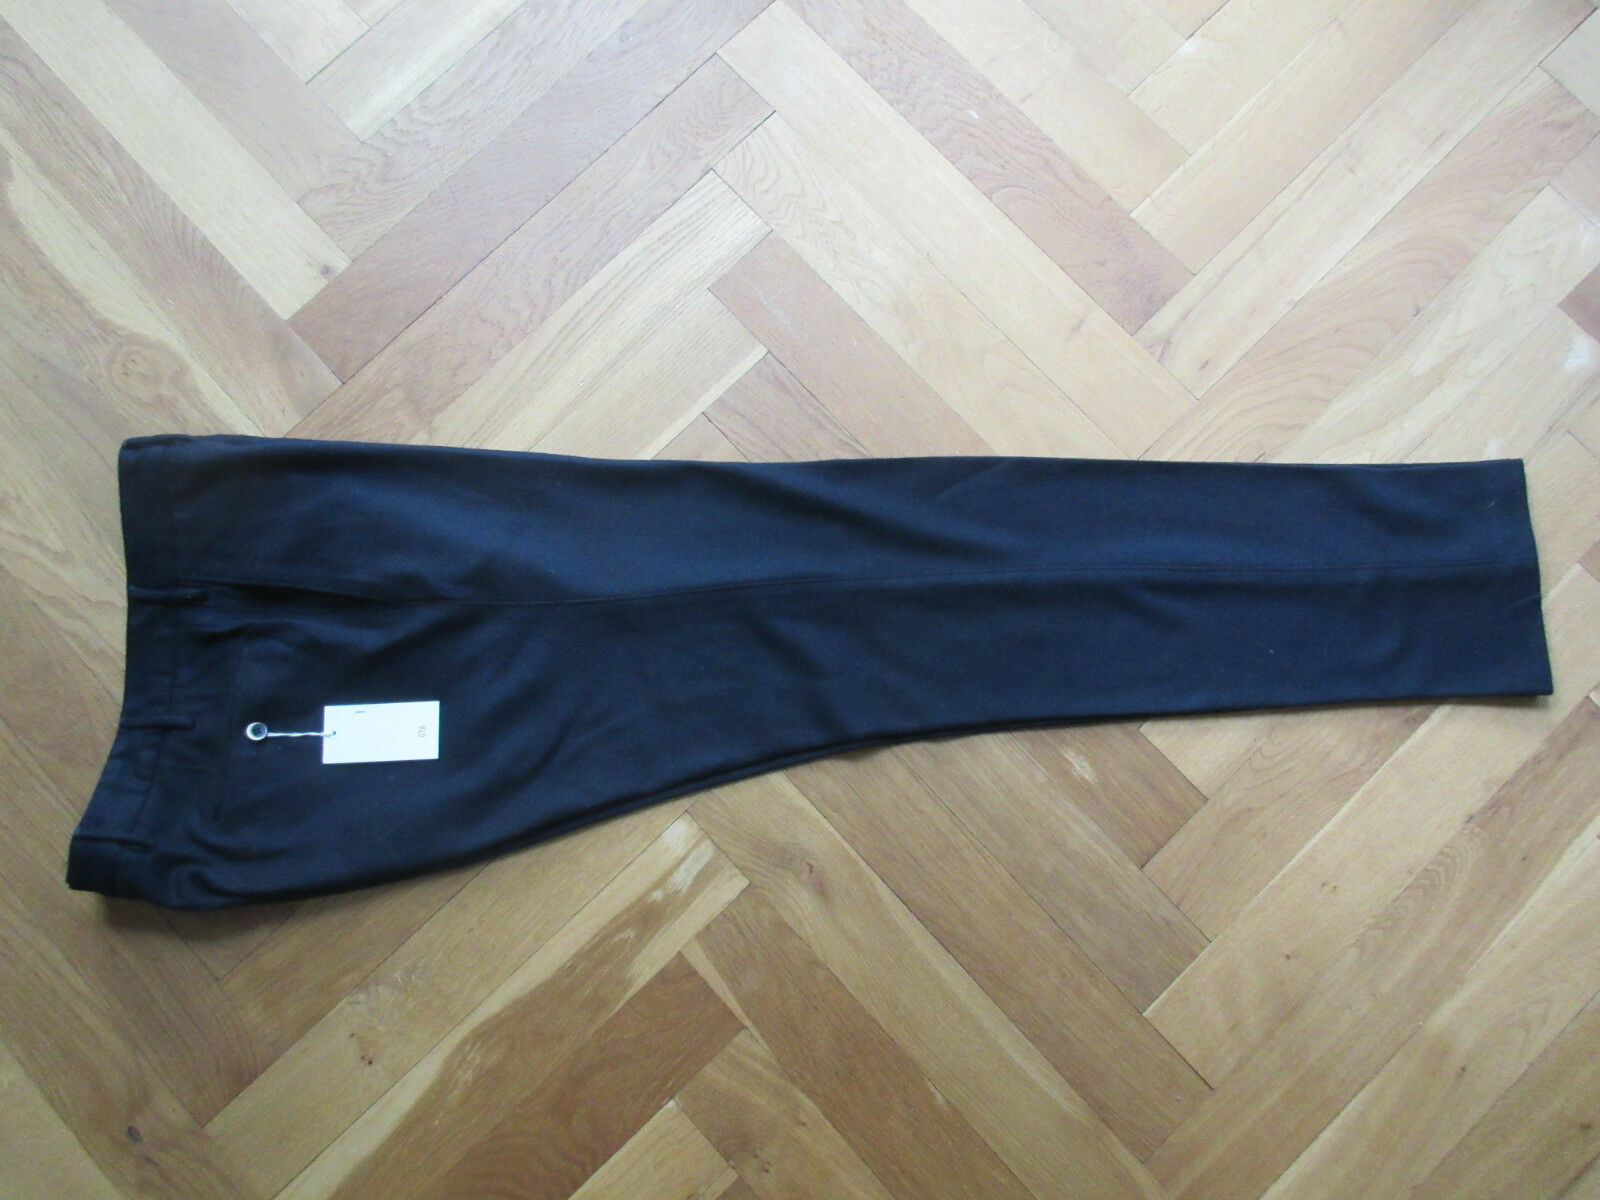 GTA il Pantalone-Uomo Pantaloni Pantaloni Pantaloni - 50-Lana-navyblu-SLIM FIT-NUOVO 410ff9